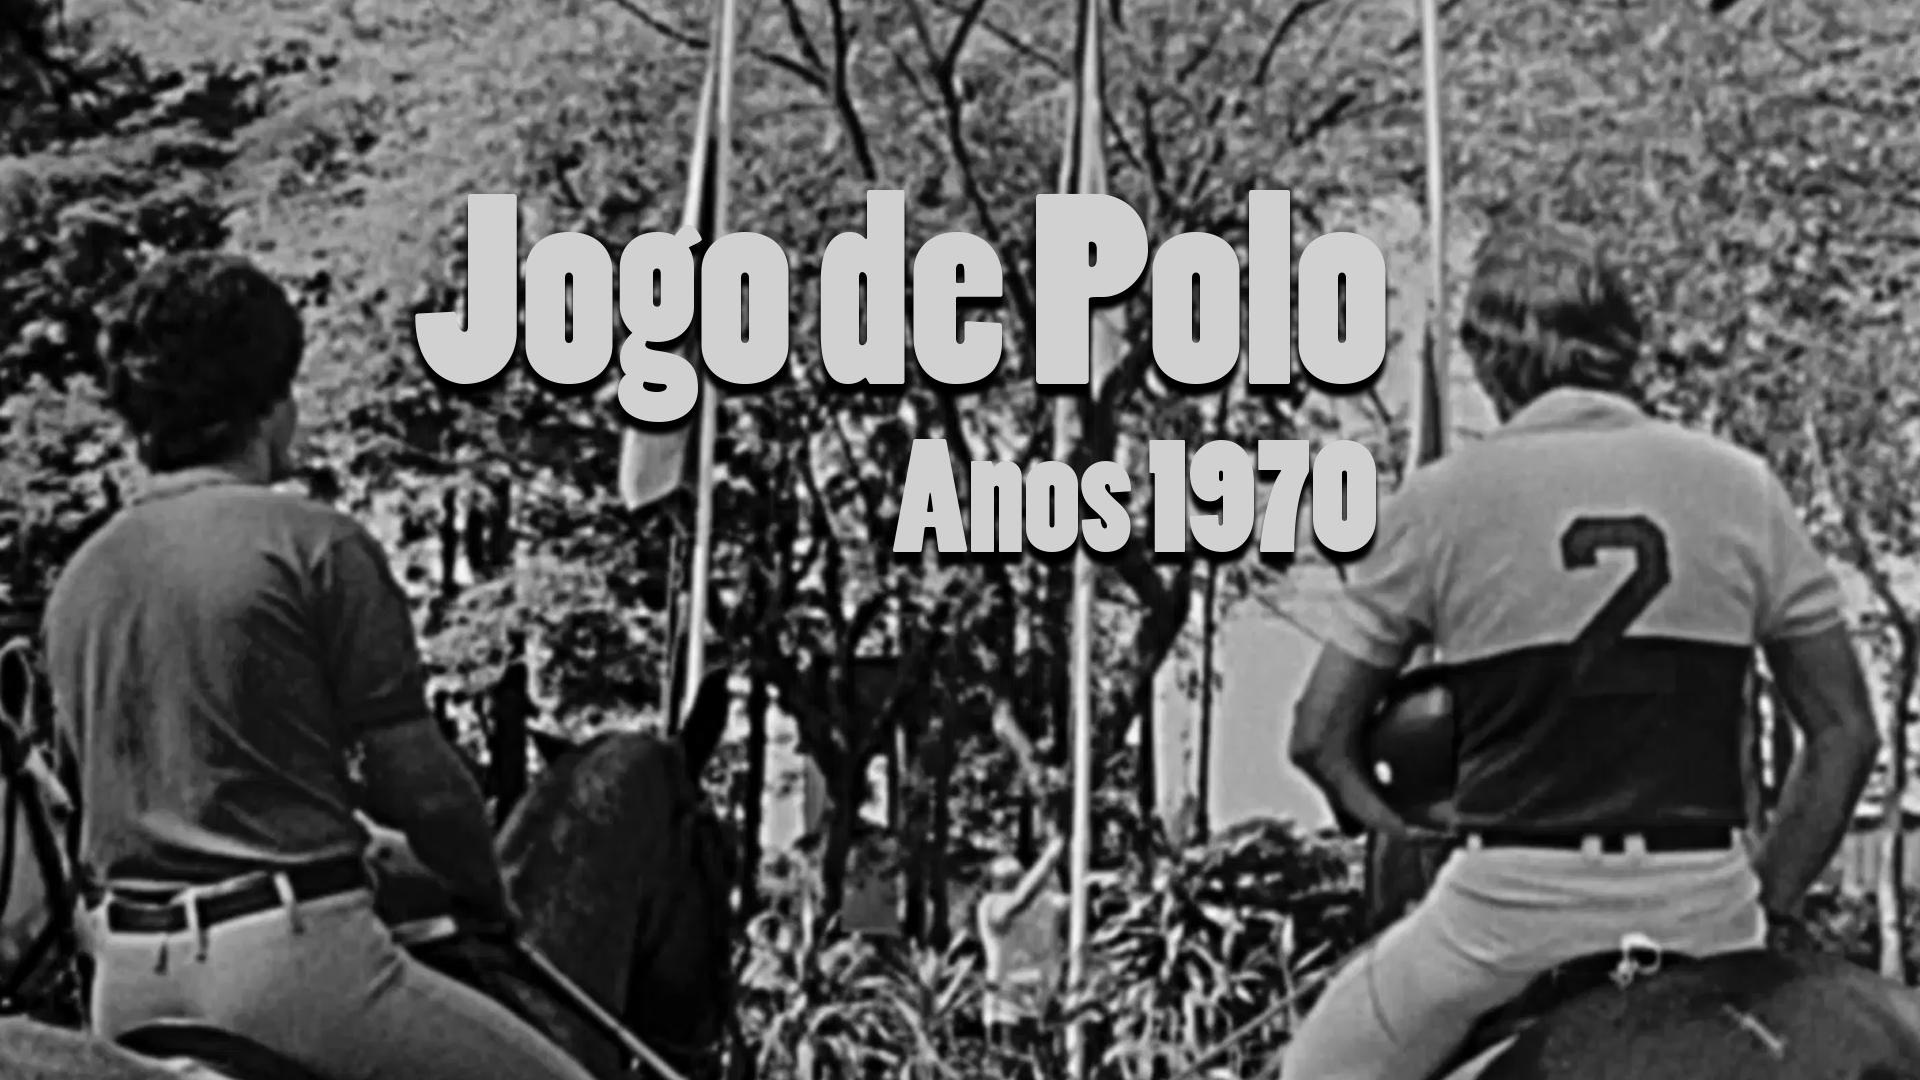 RARIDADE - Jogo de Polo nos anos 1970